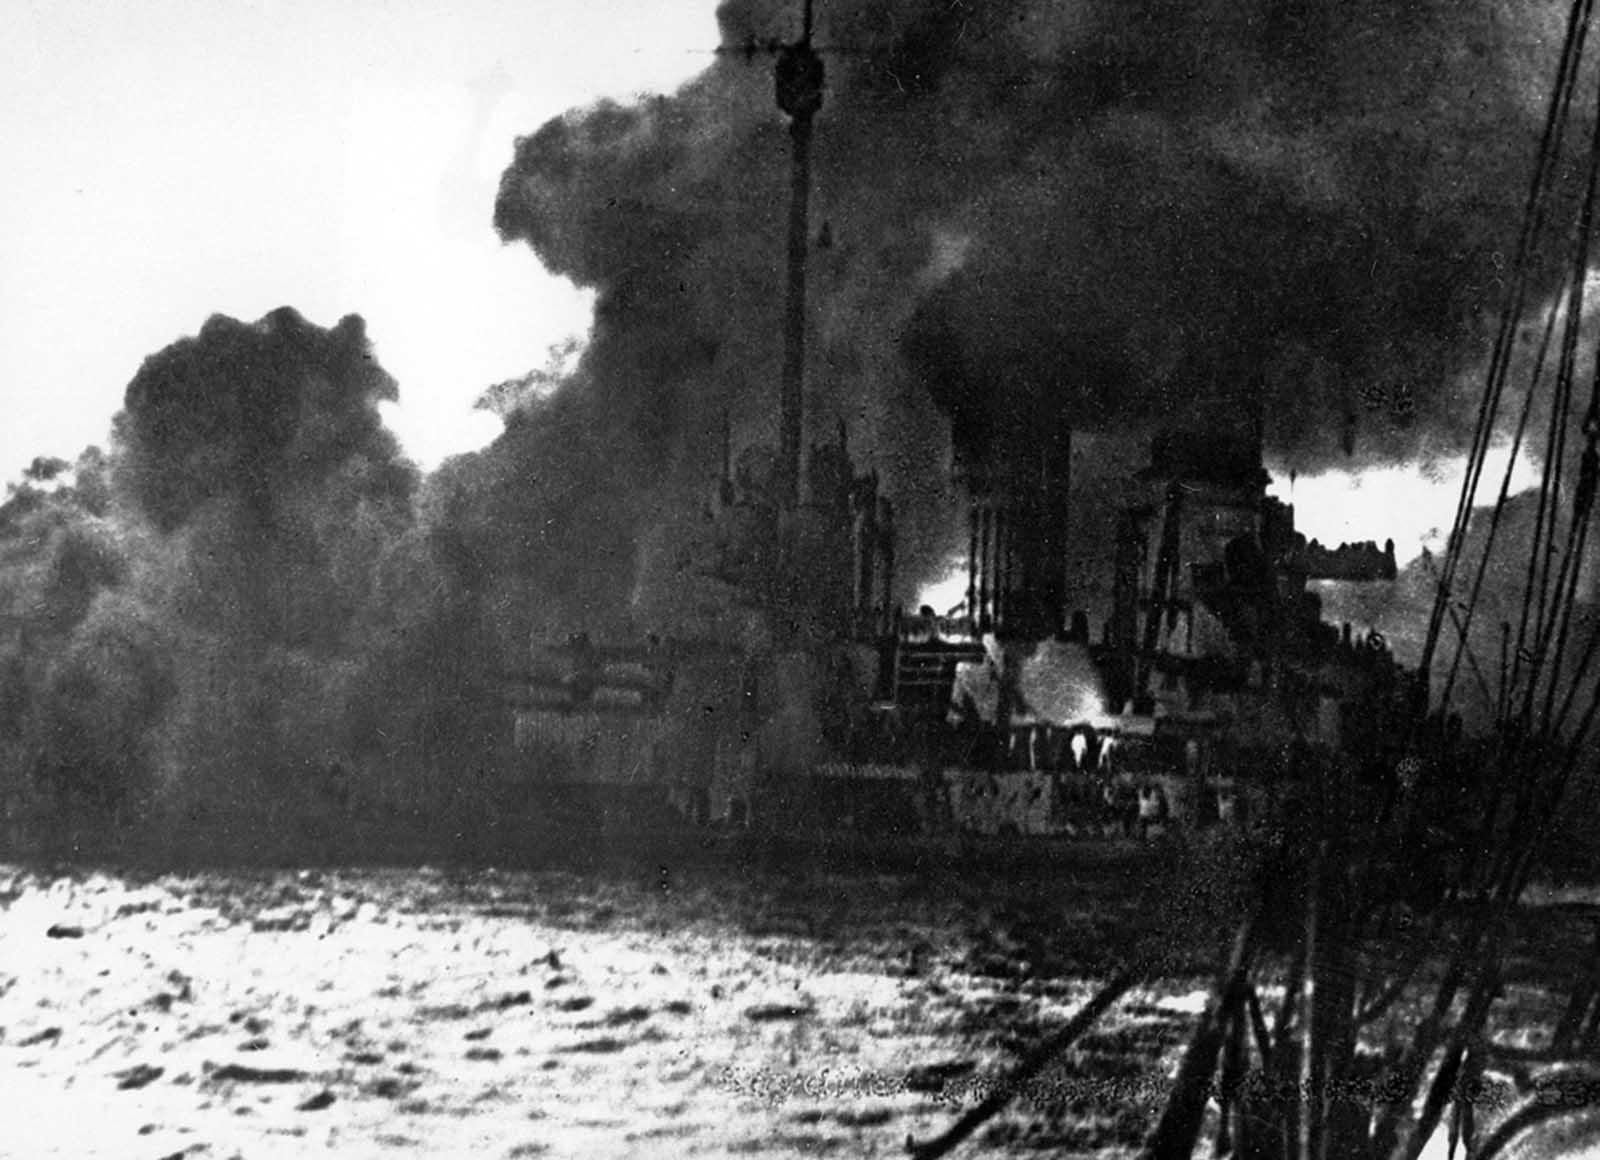 A Jydland-csatában 1916. május 31-én a Seydlitz német csata cirkáló égett. Seydlitz von Hipper német helyettes admirális zászlóshajója, aki a csata során elhagyta a hajót.  A harci cirkáló saját erővel jutott el Wilhelmshaven kikötőjéhez.